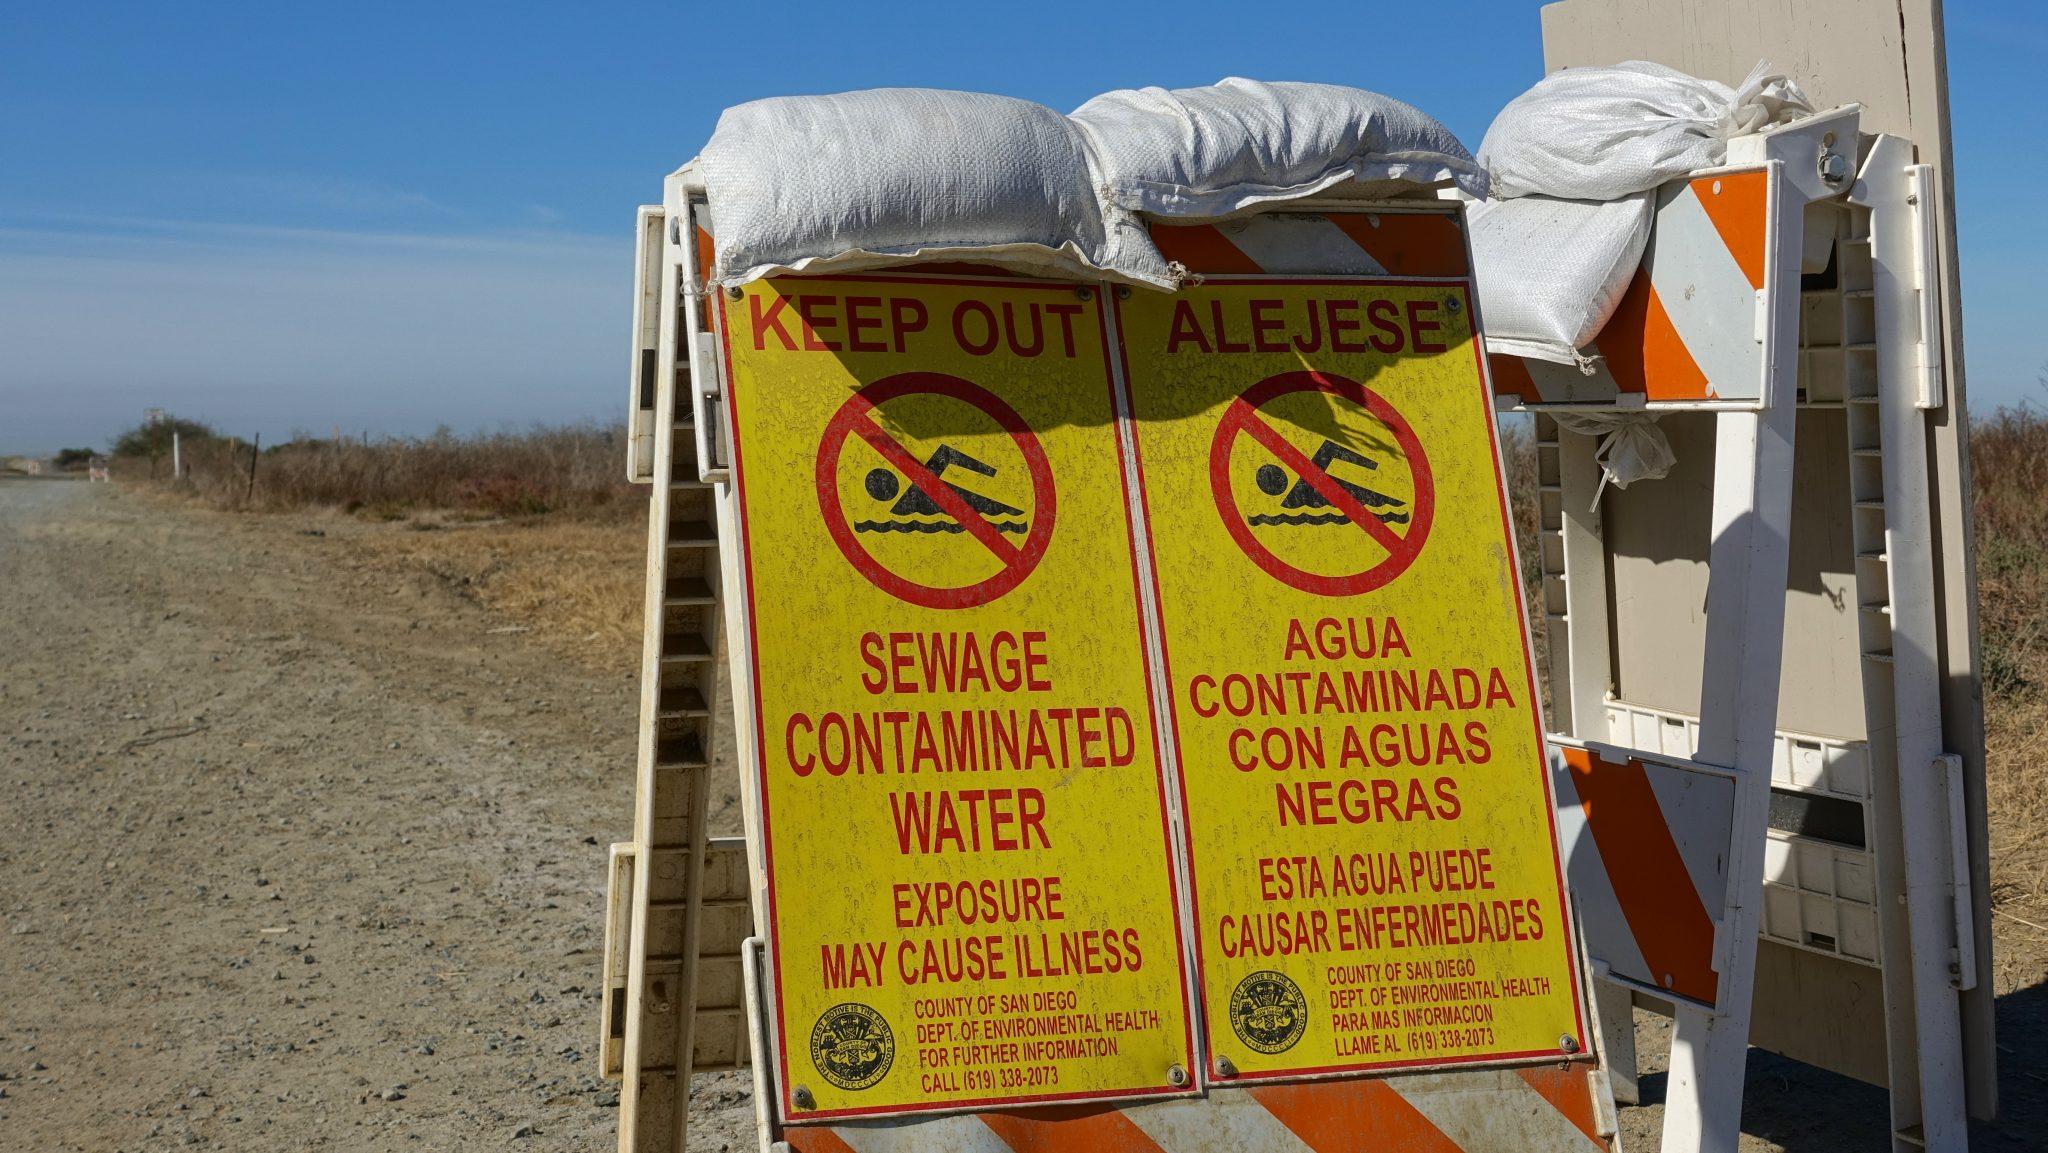 Health Hazards After Hurricane